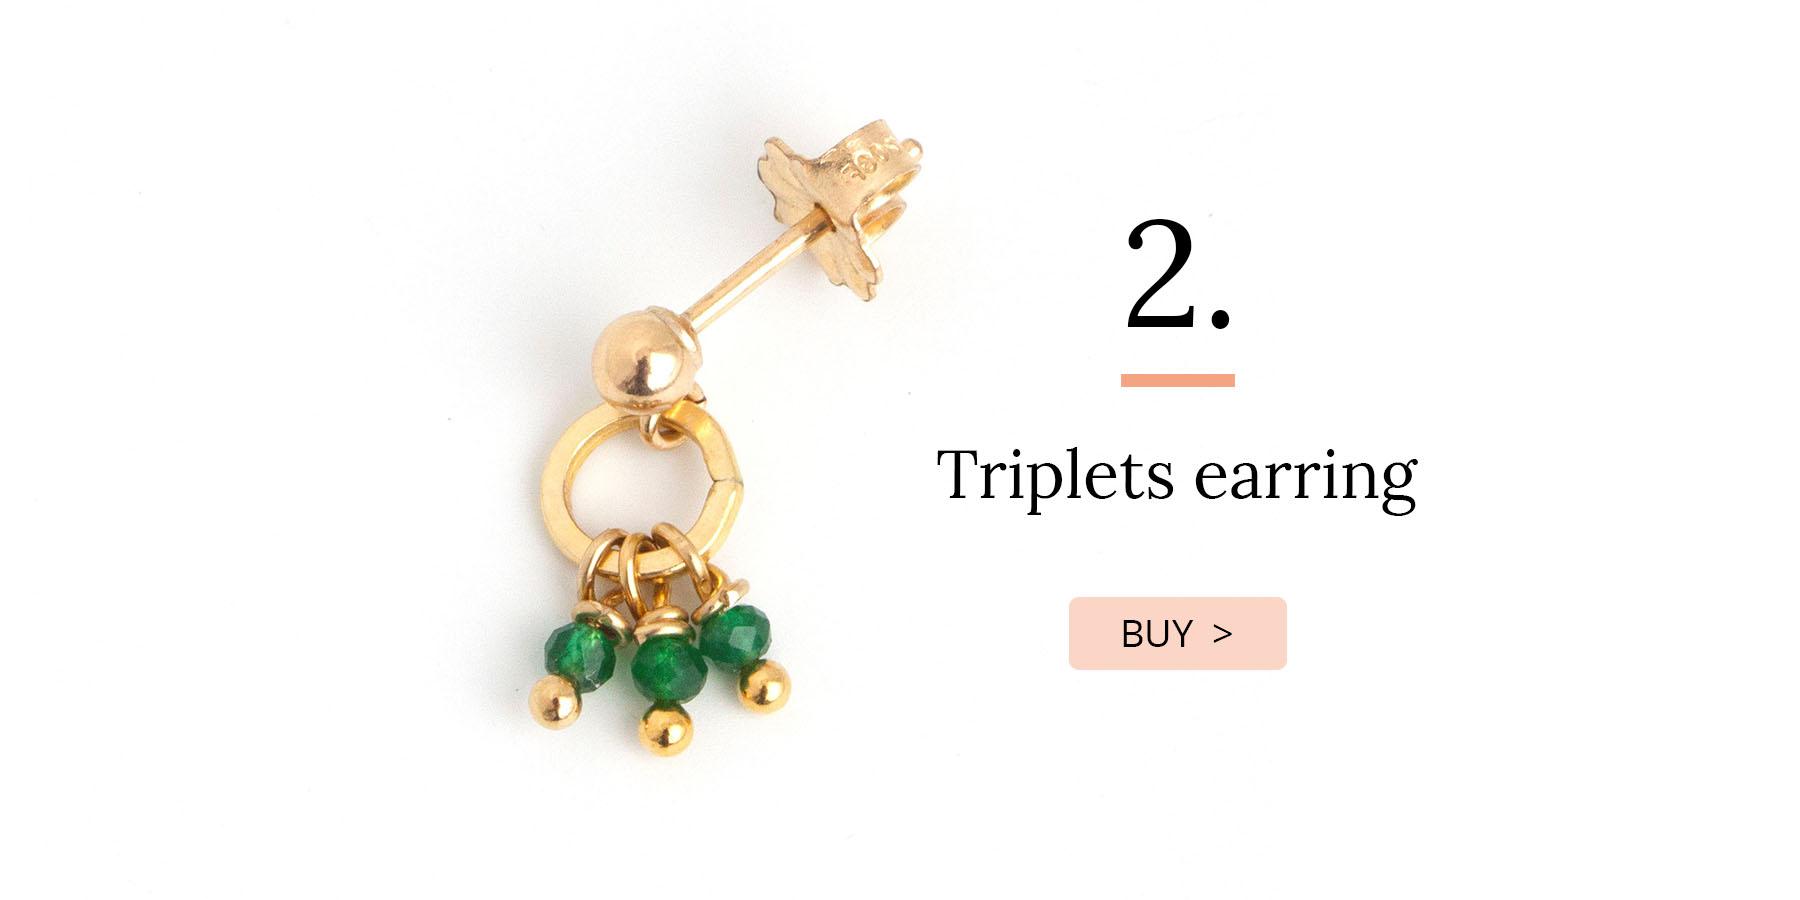 Triplets earring